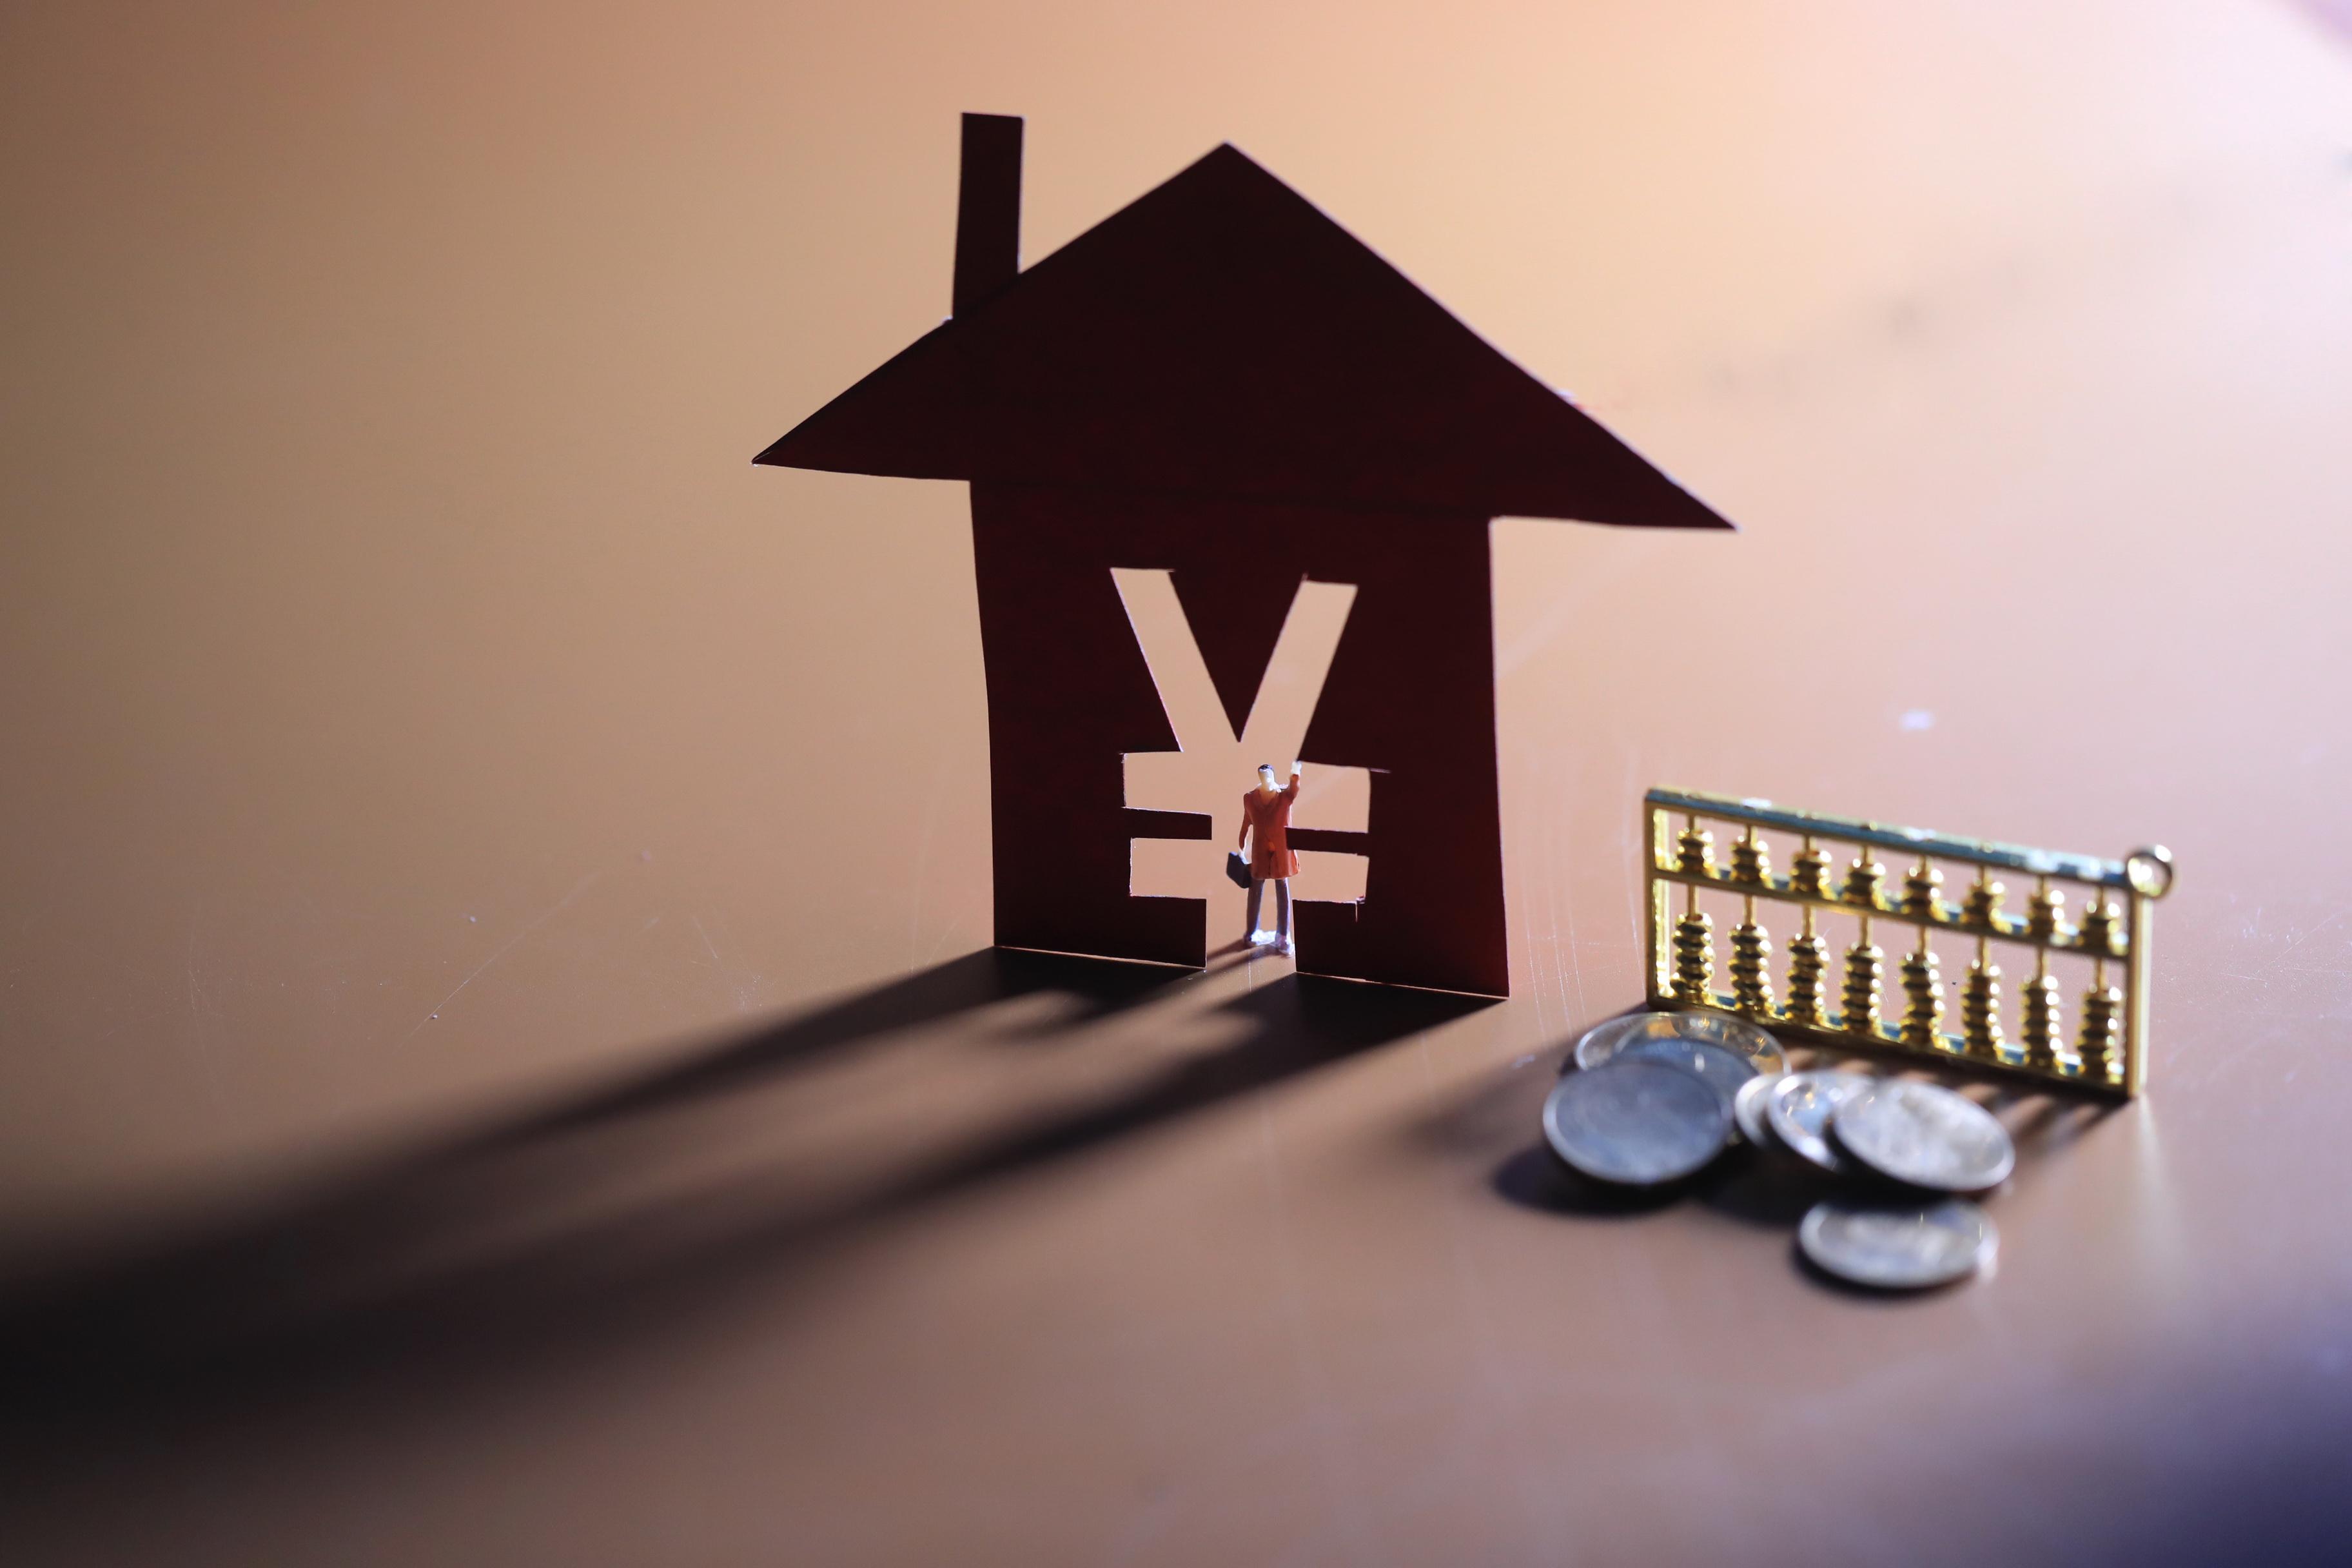 美国房价平均每年增长6%,或再次导致次债危机?